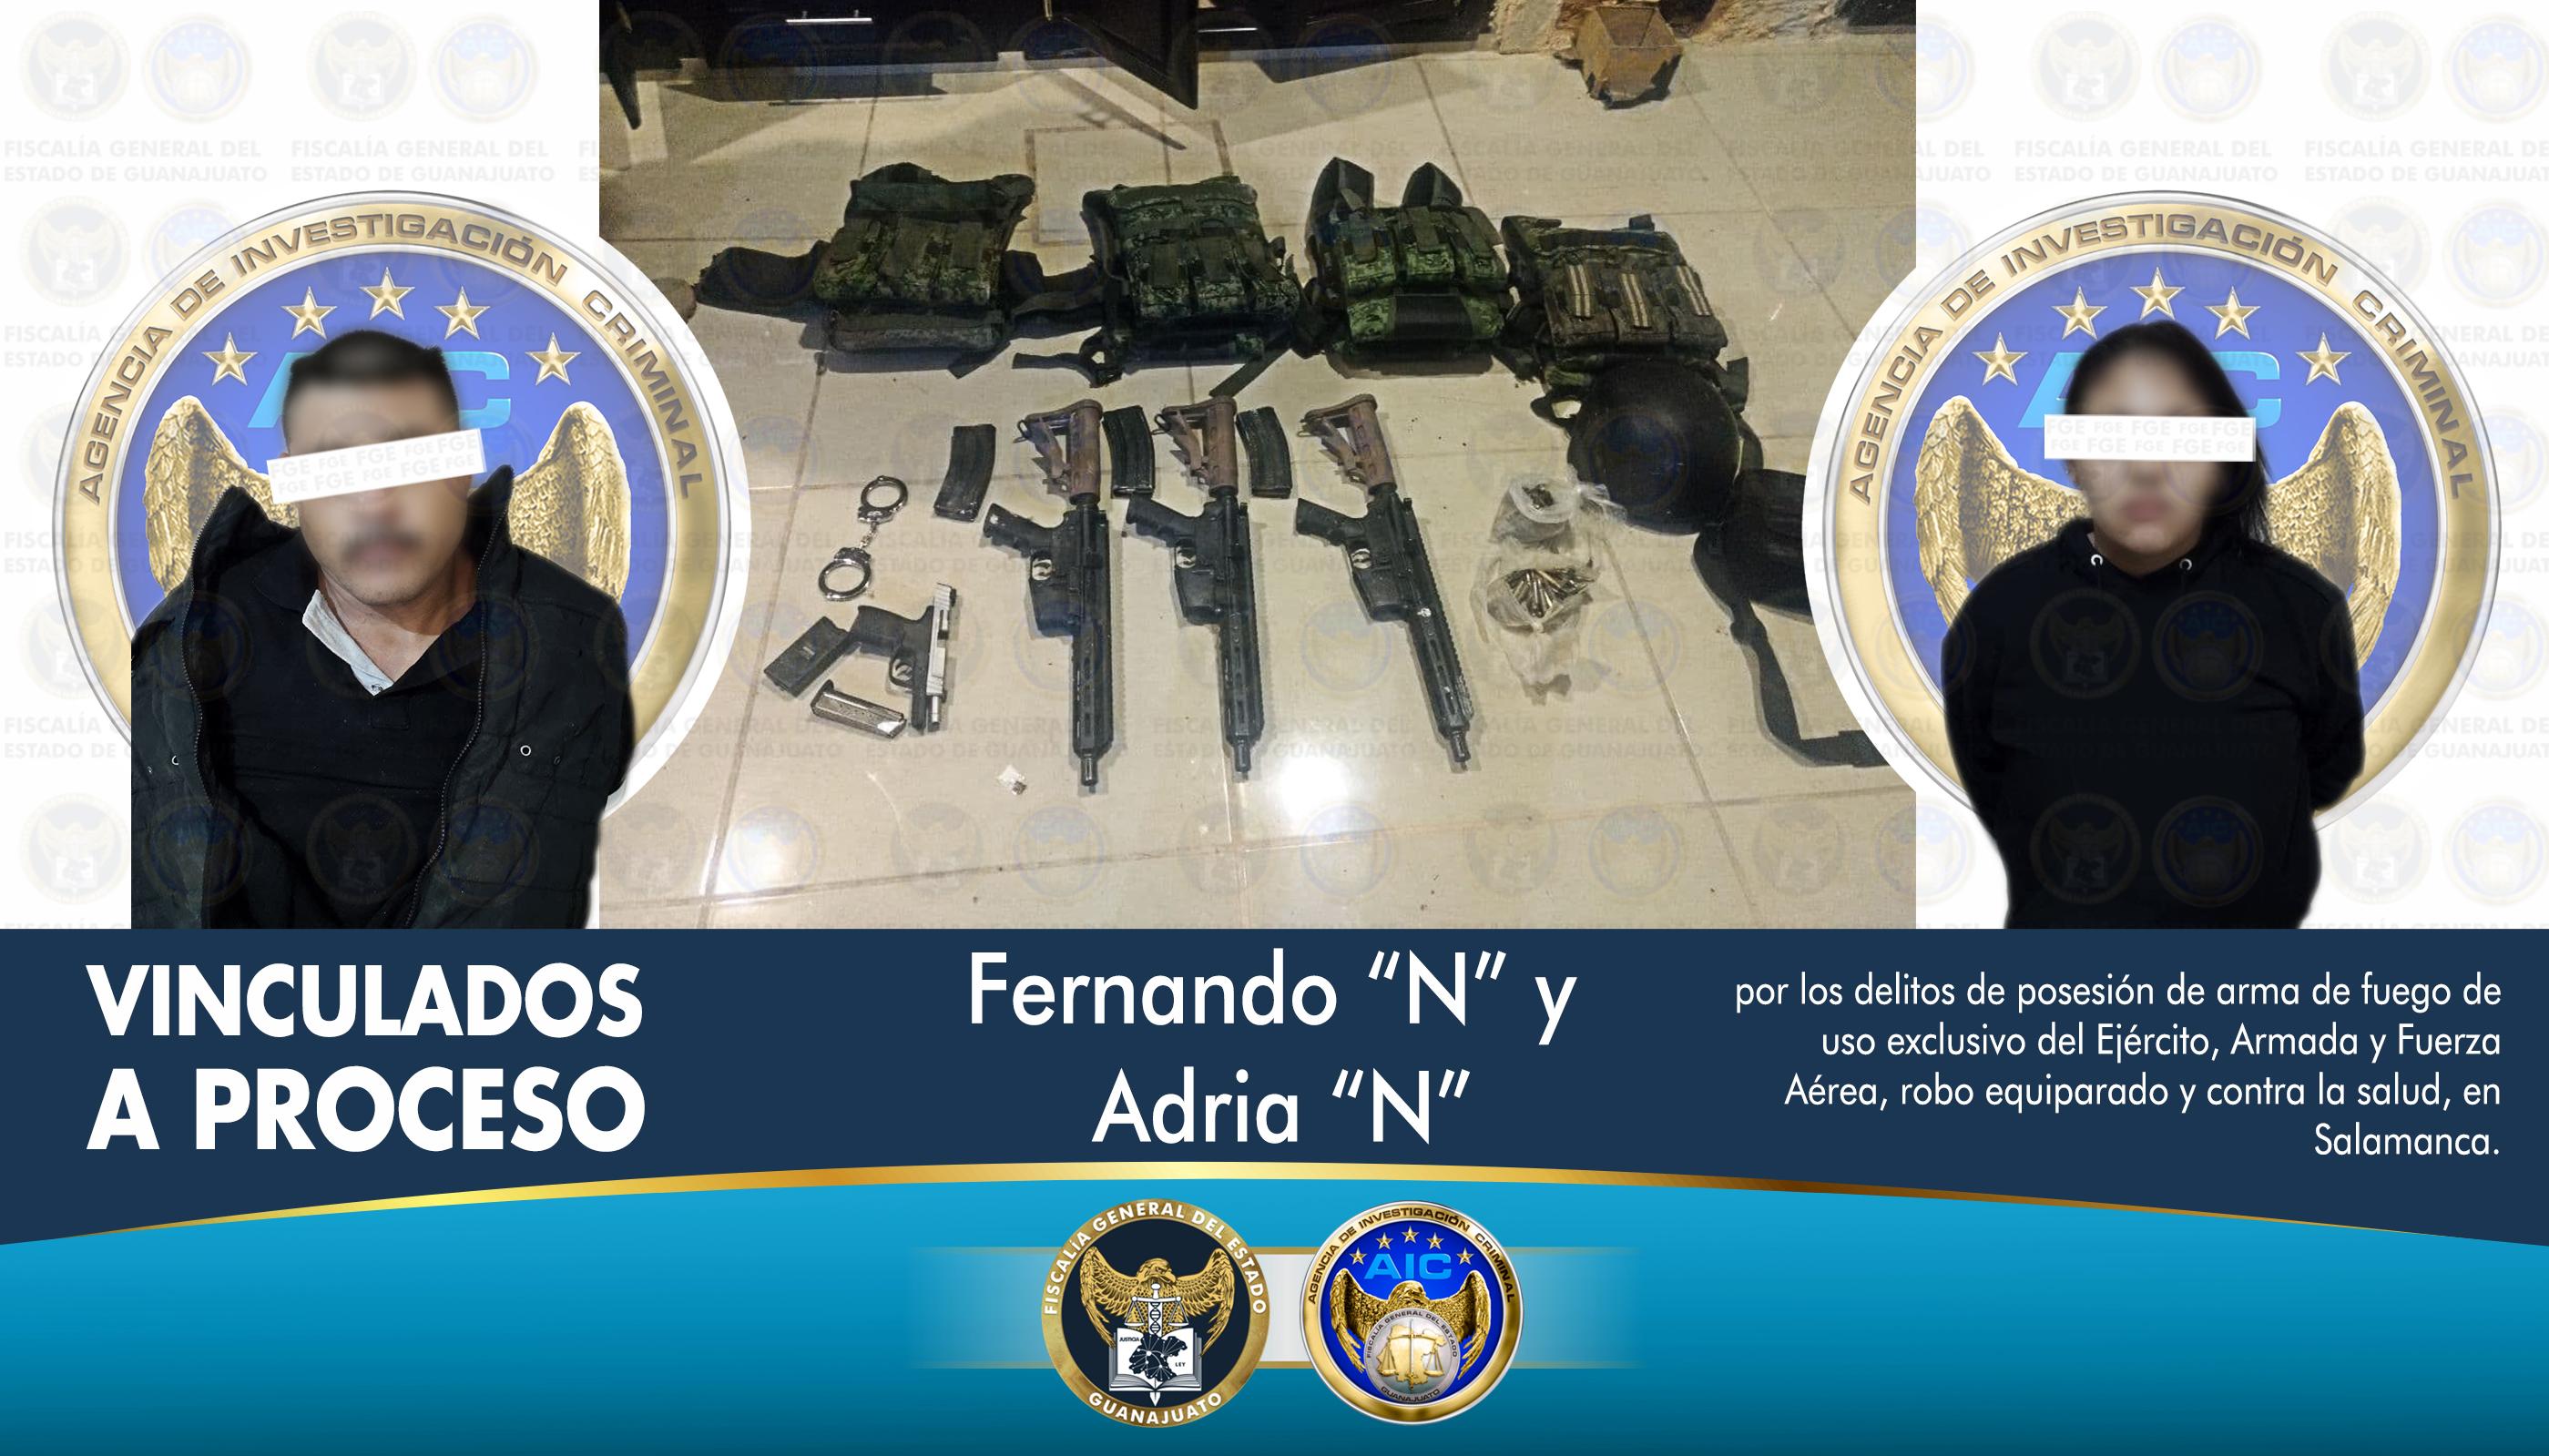 Aseguran armas, vehículos, cartuchos útiles, equipo táctico y dosis de droga, durante un cateo en un inmueble en Salamanca. 6